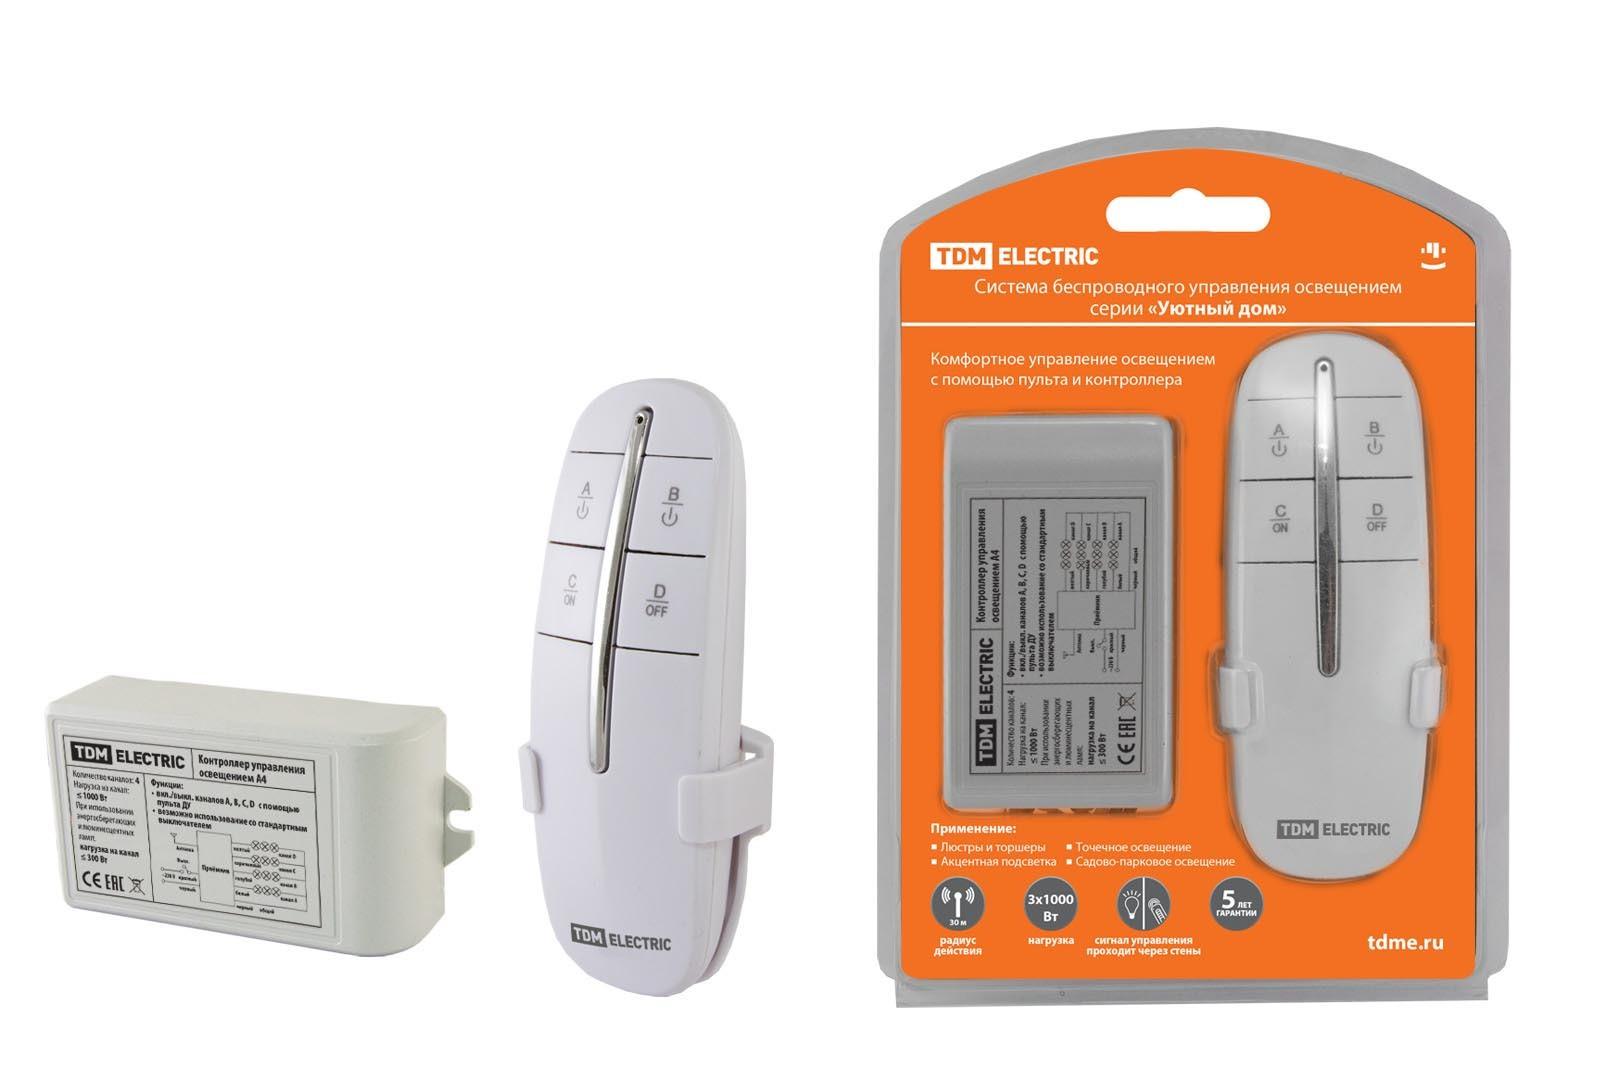 Комплект для беспроводного управления освещением ПУ2-МK-4 (4 канала) Уютный дом